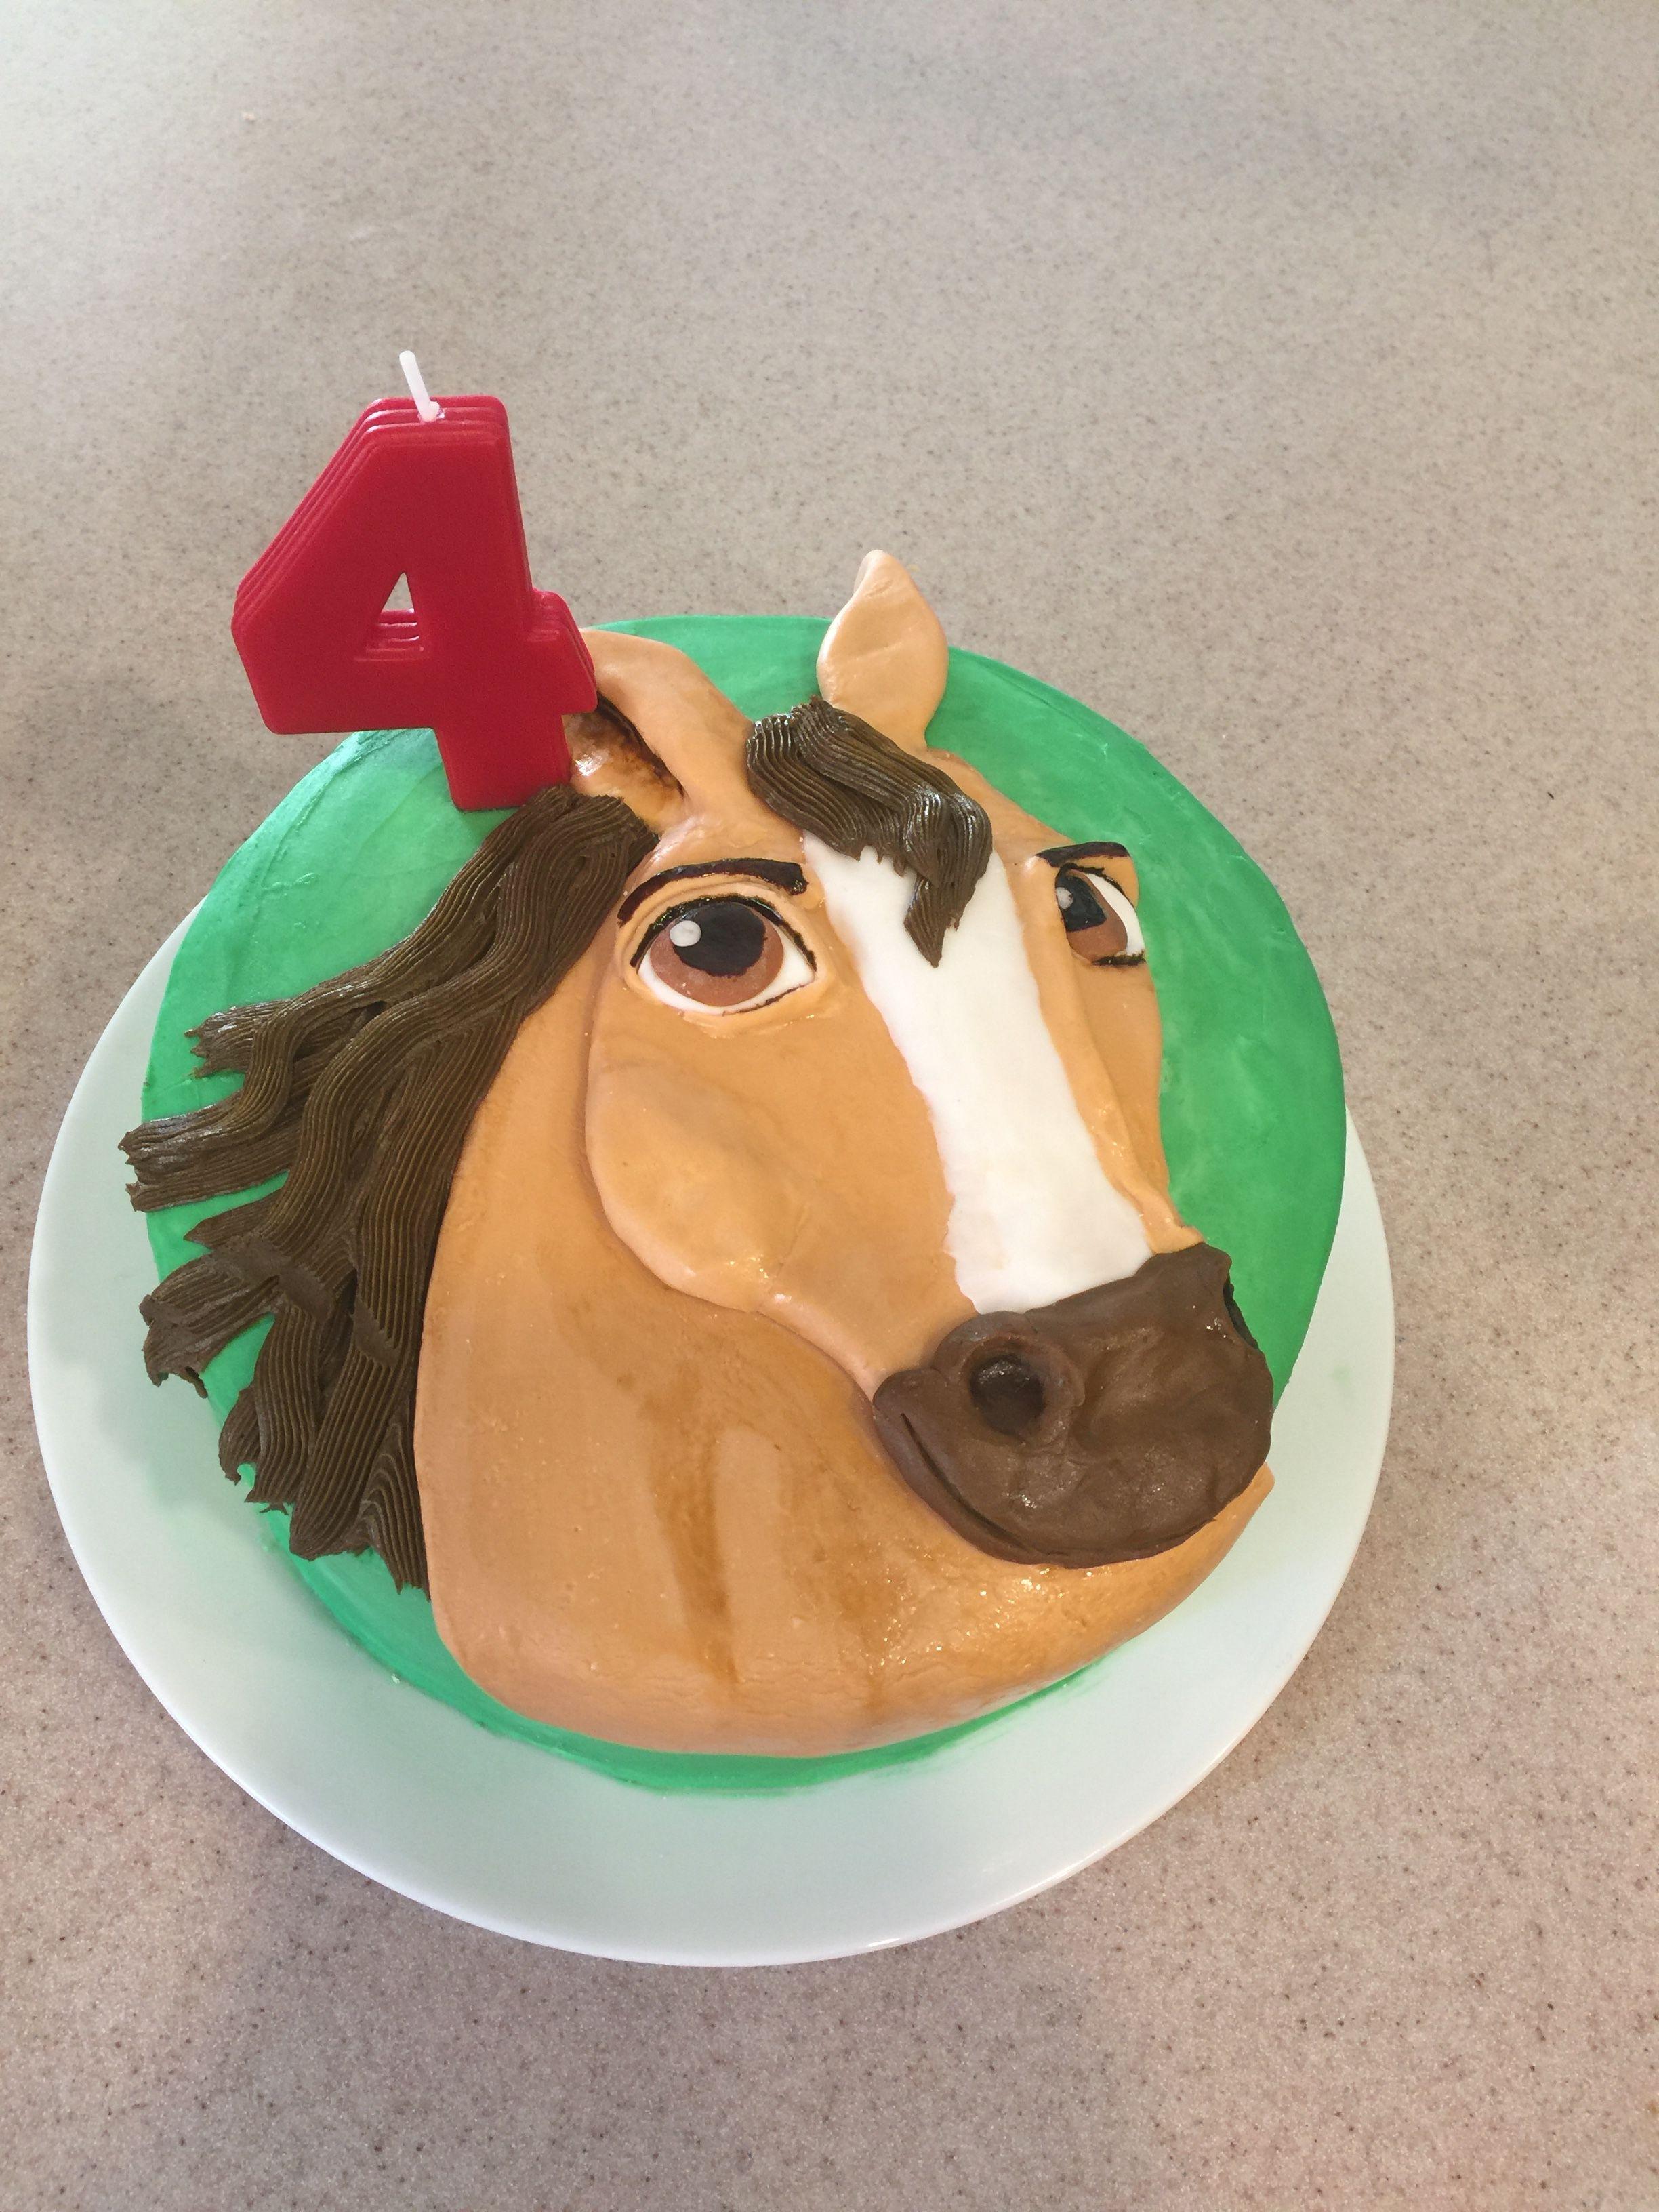 Strange Spirit Riding Free Cake Buttercream And Fondant Cake Personalised Birthday Cards Xaembasilily Jamesorg